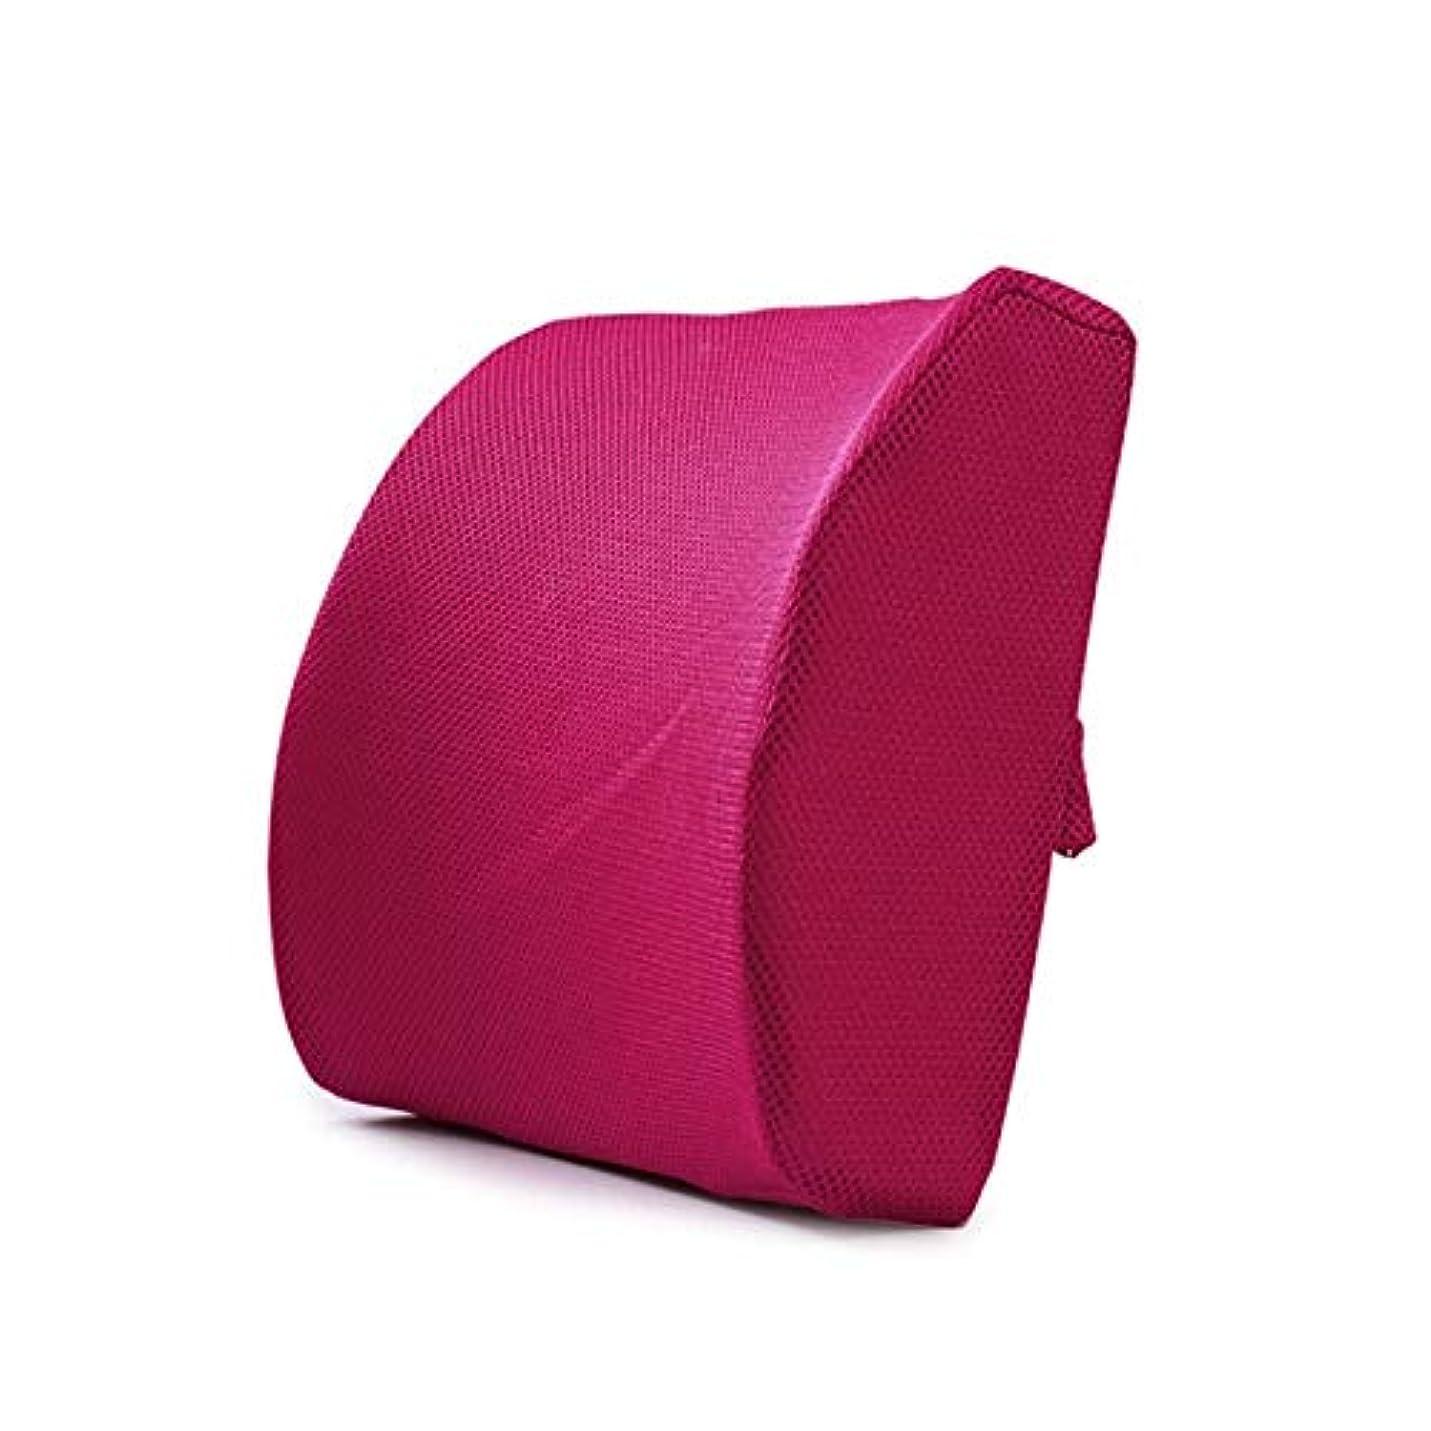 デンマークペグ象LIFE ホームオフィス背もたれ椅子腰椎クッションカーシートネック枕 3D 低反発サポートバックマッサージウエストレスリビング枕 クッション 椅子